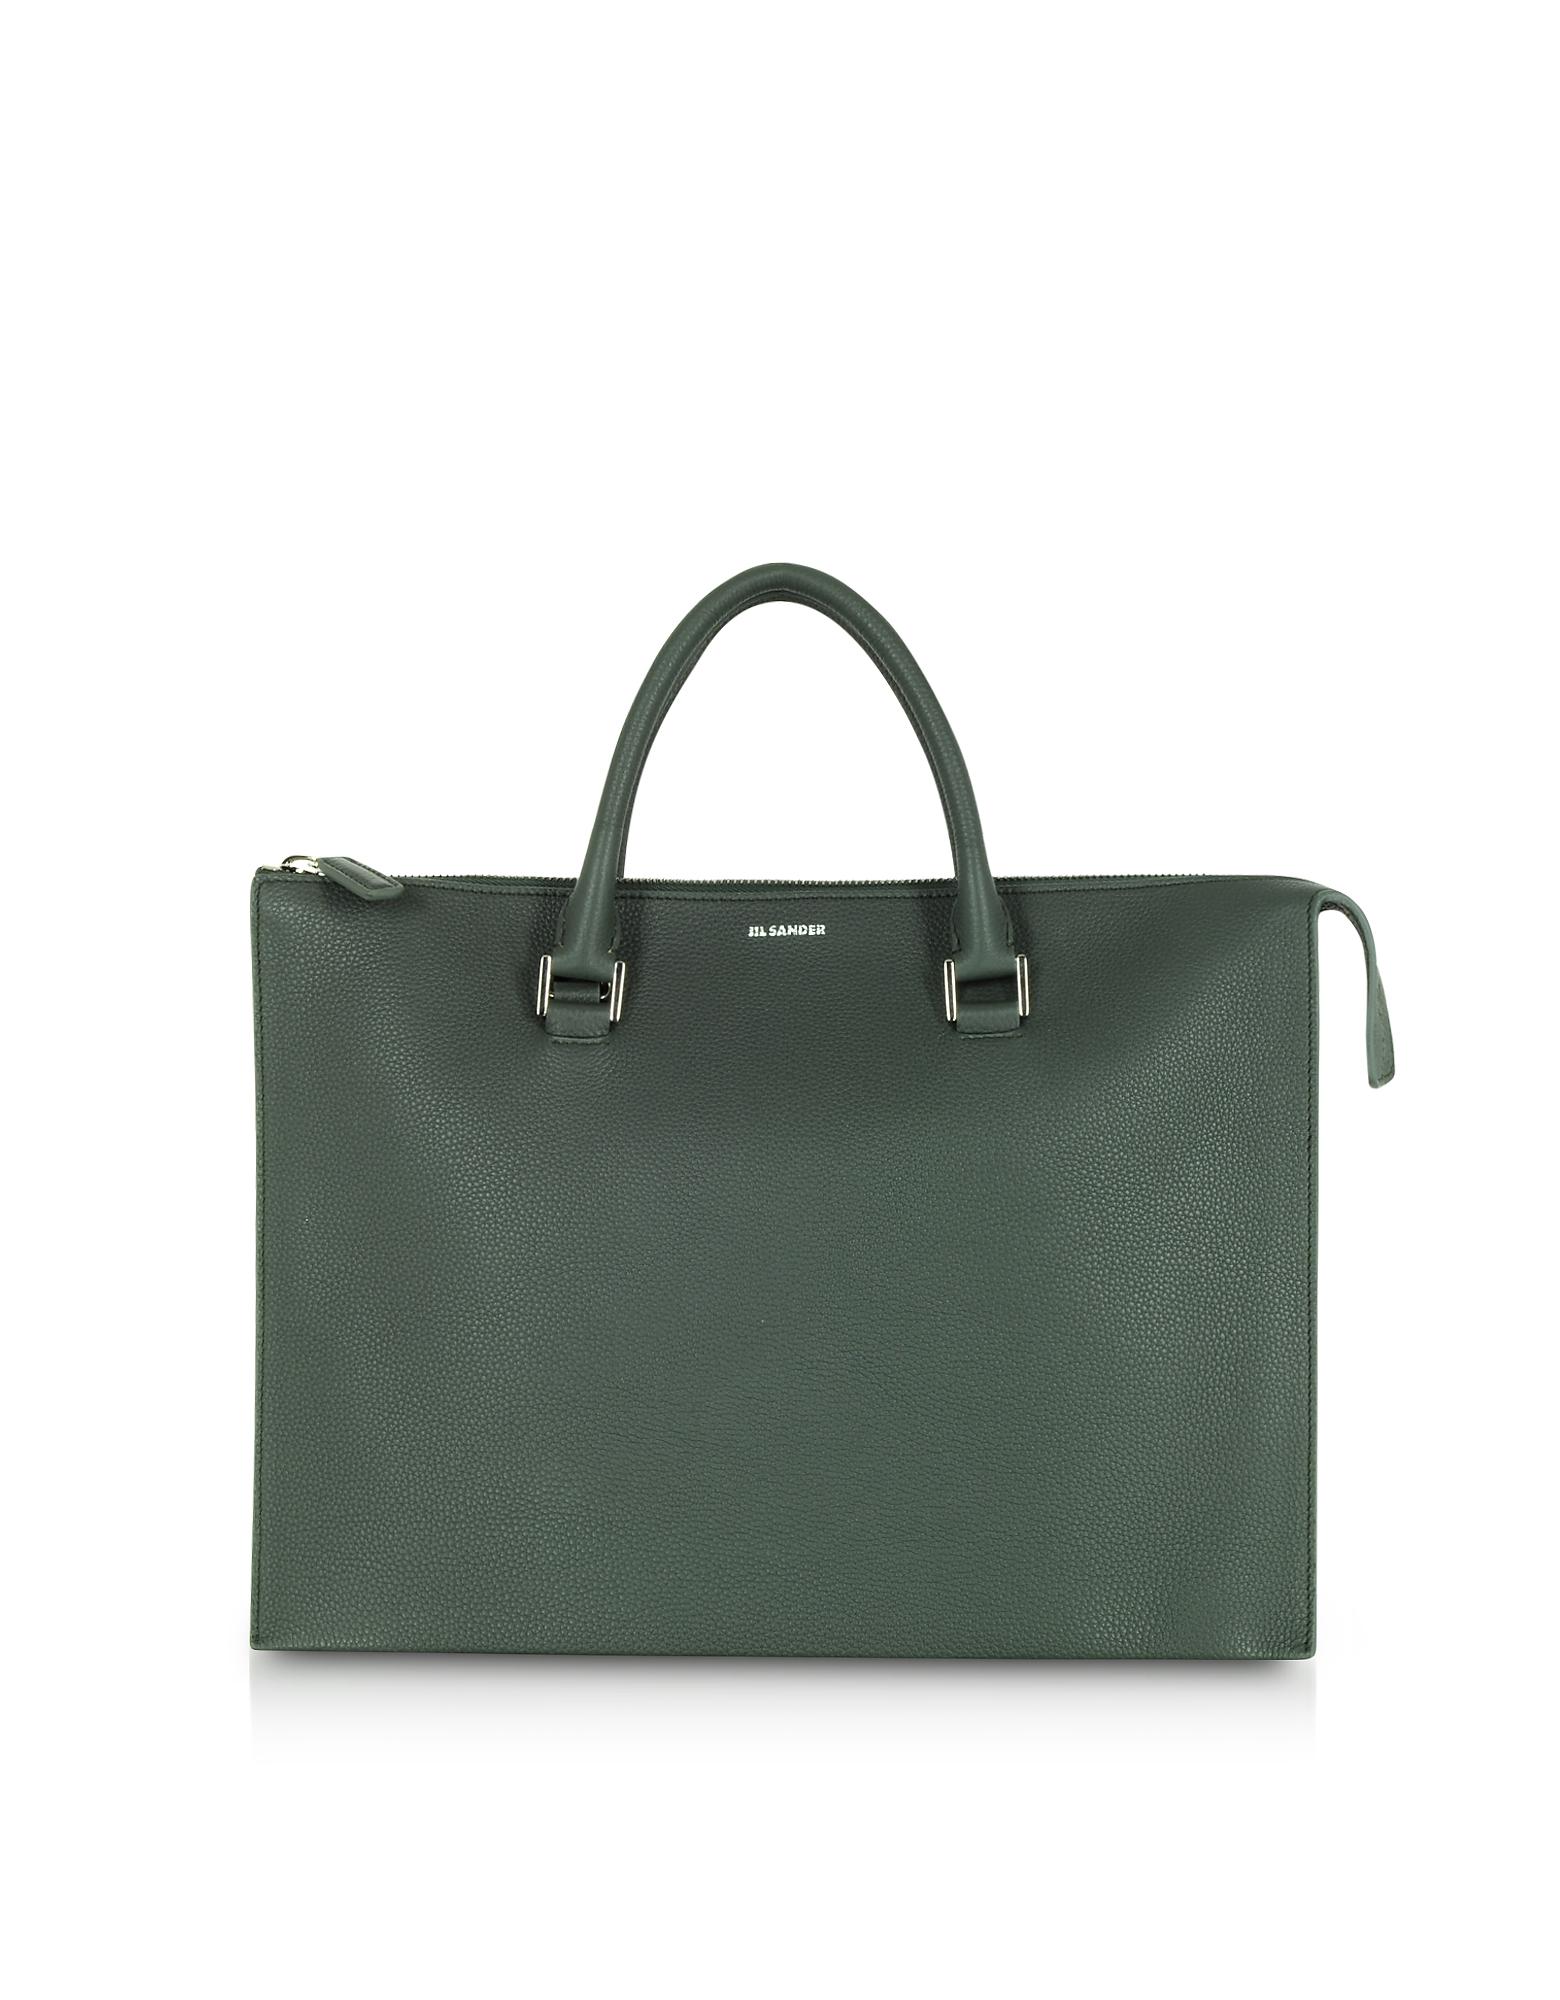 Jil Sander Handbags, Tootie Knitted Leather Tote Bag